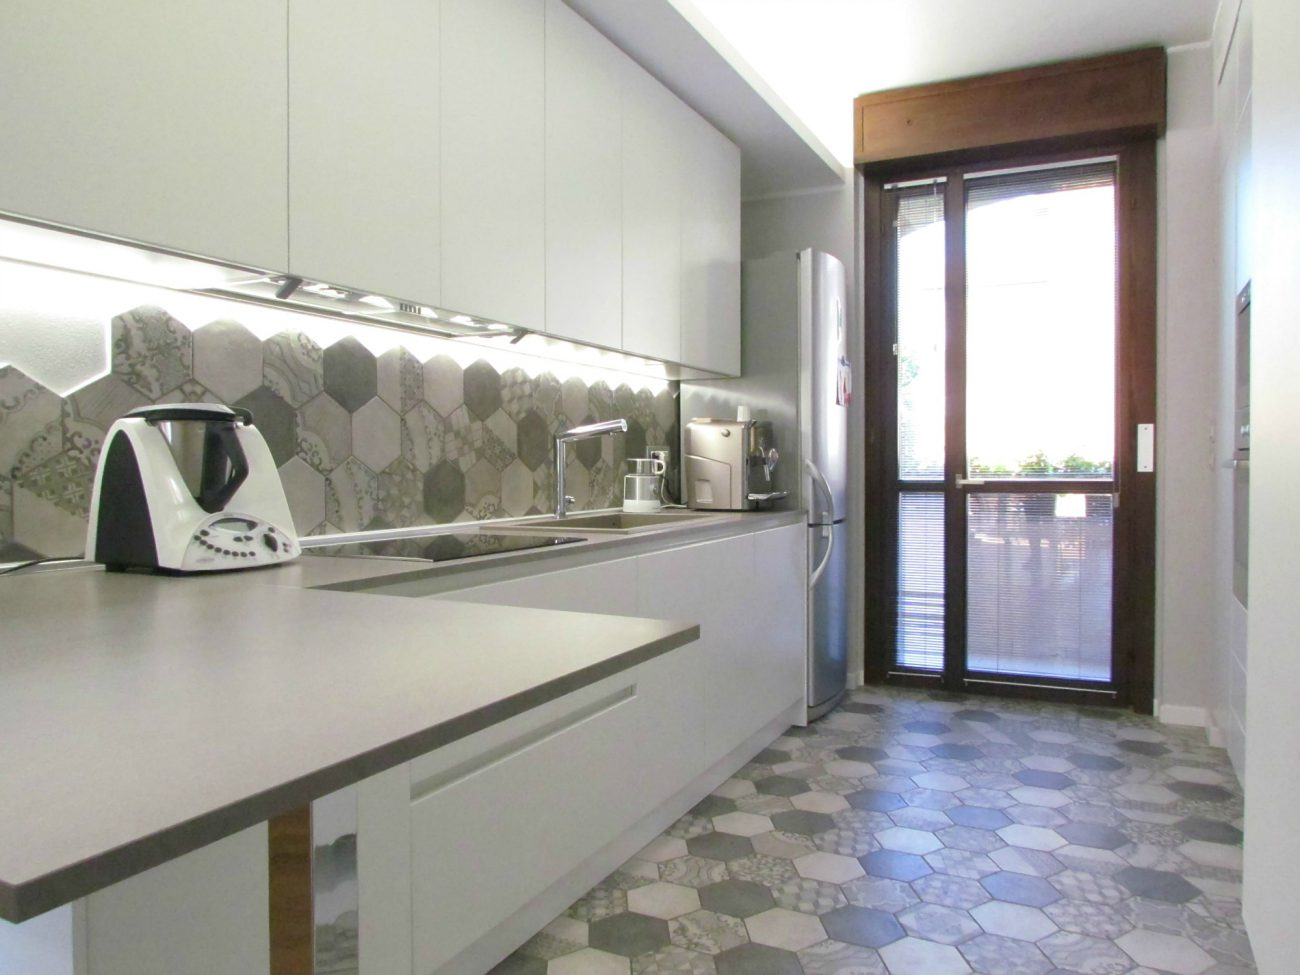 Tinta Per Piastrelle Cucina | Bianco E Nero Ceramica Bardelli ...